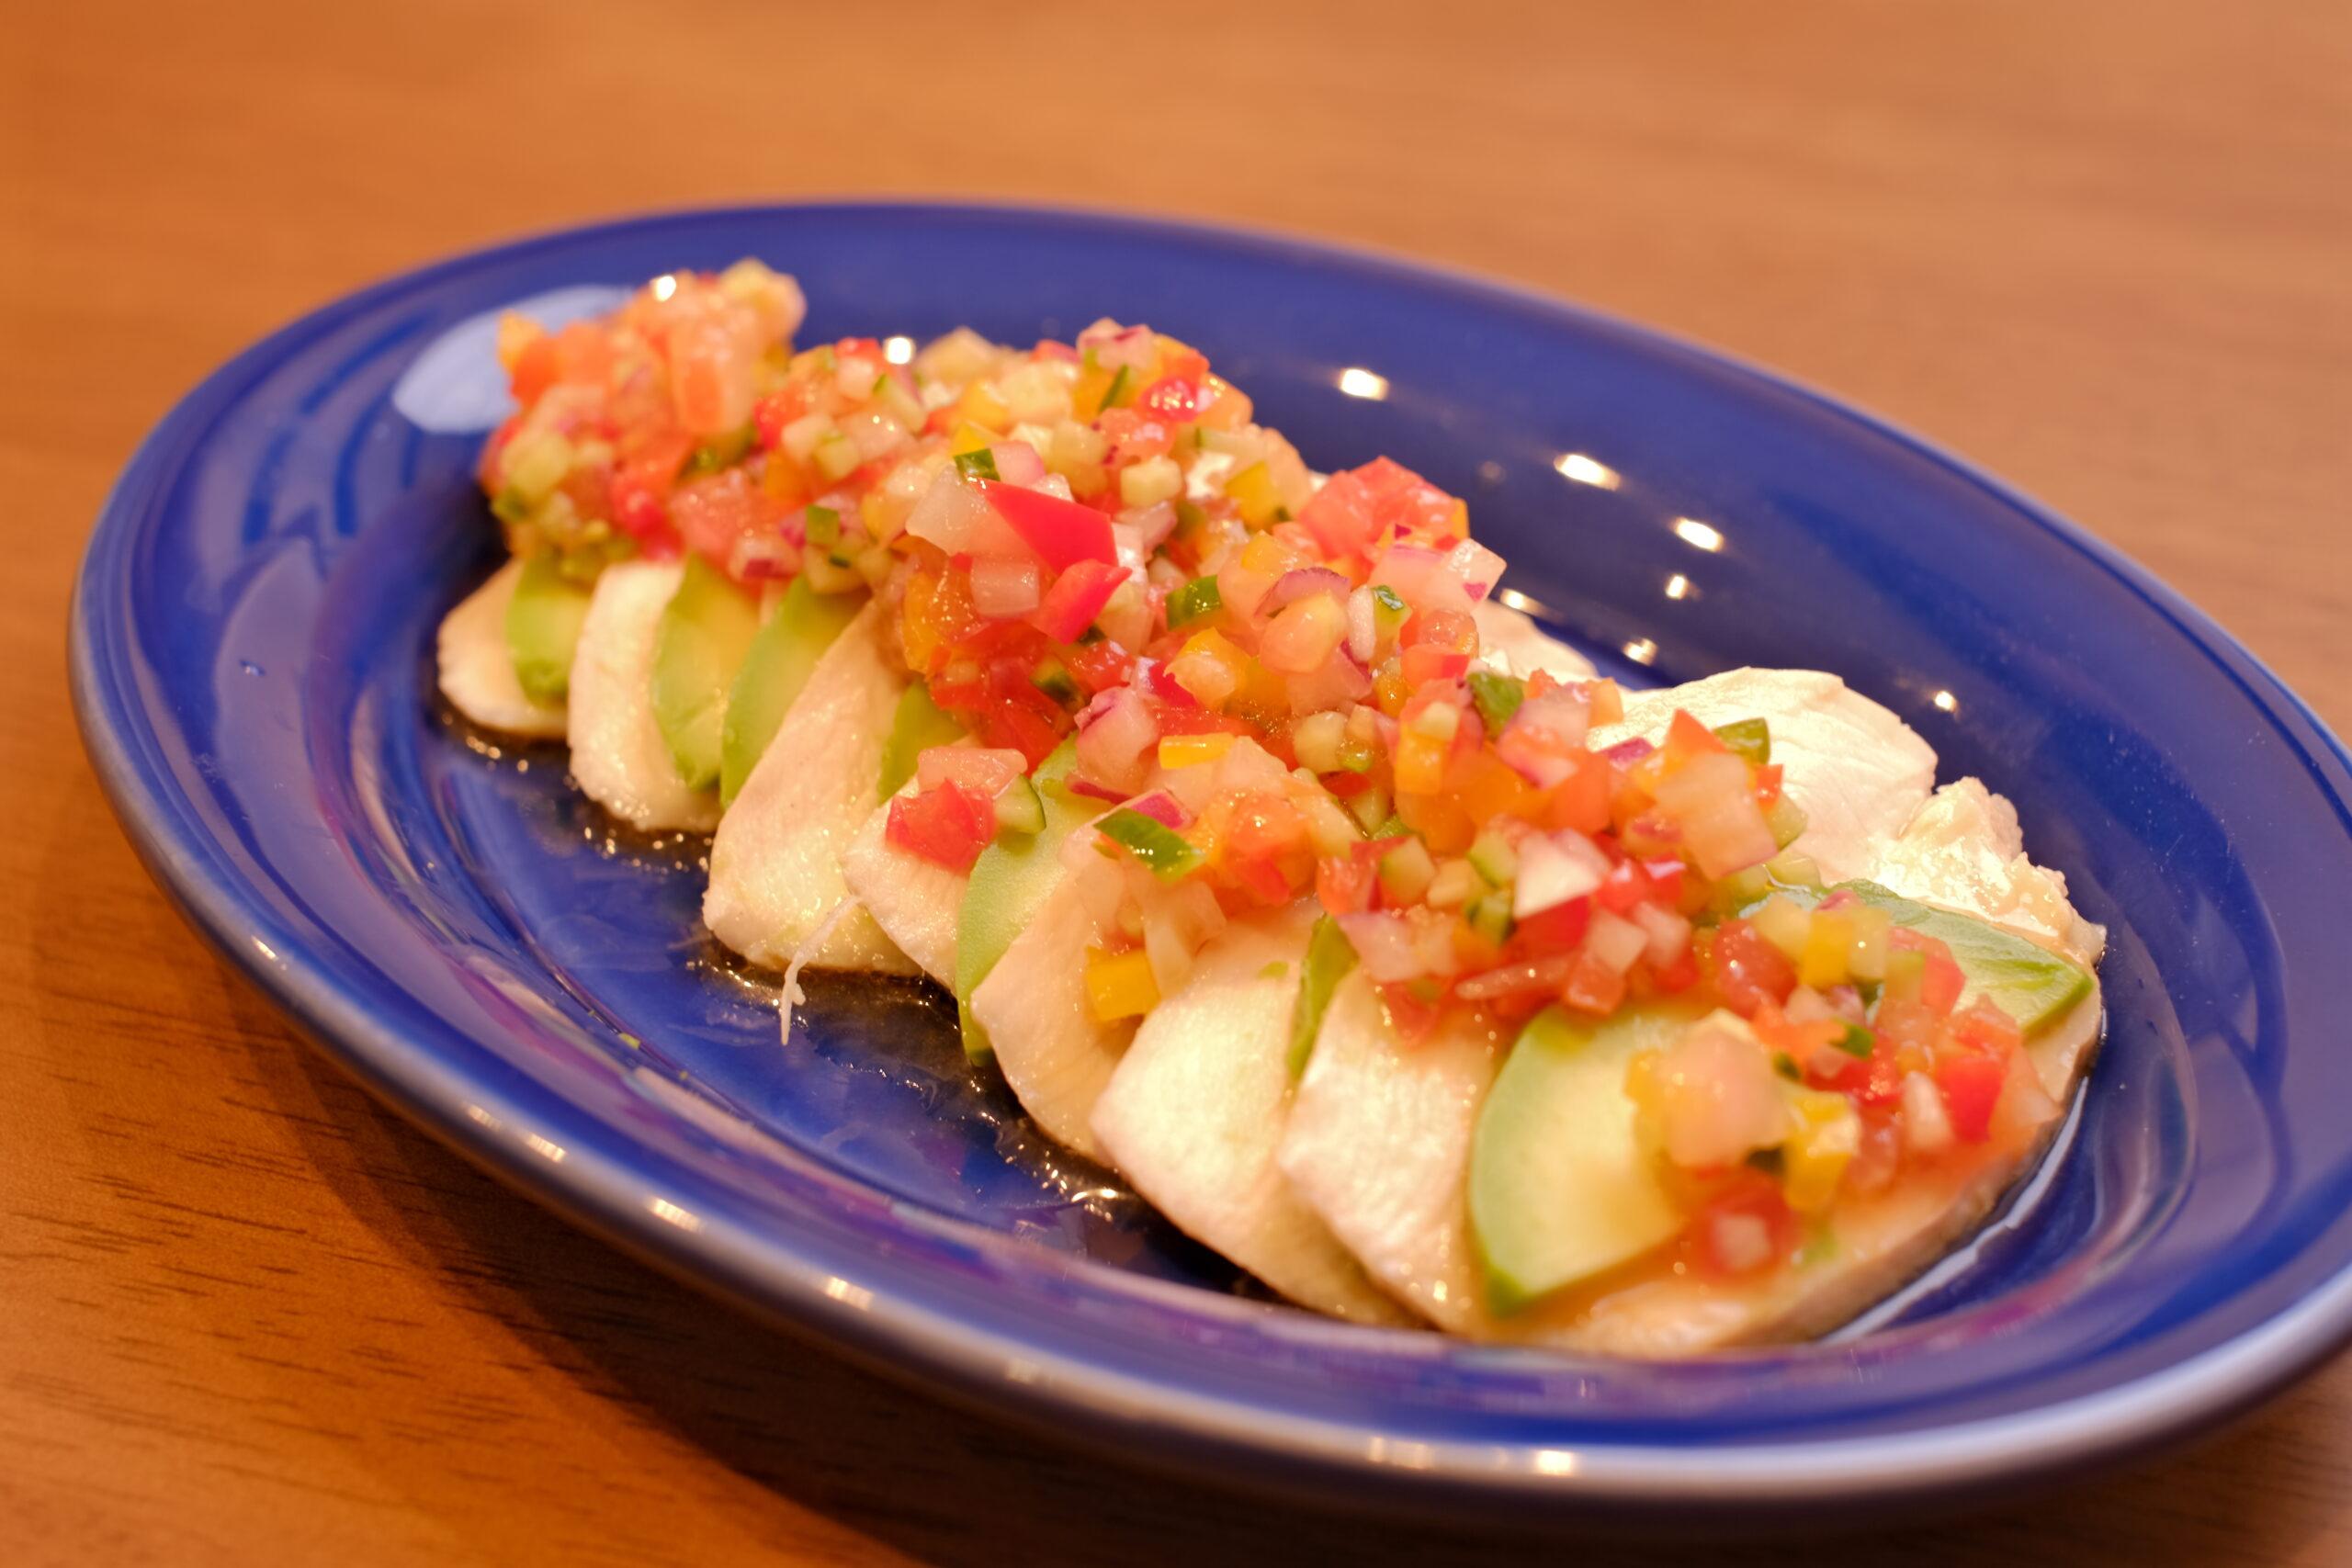 サラダチキンとアボカドのスライスに青唐辛子とたっぷり野菜のサルサソースをかけた料理の画像です